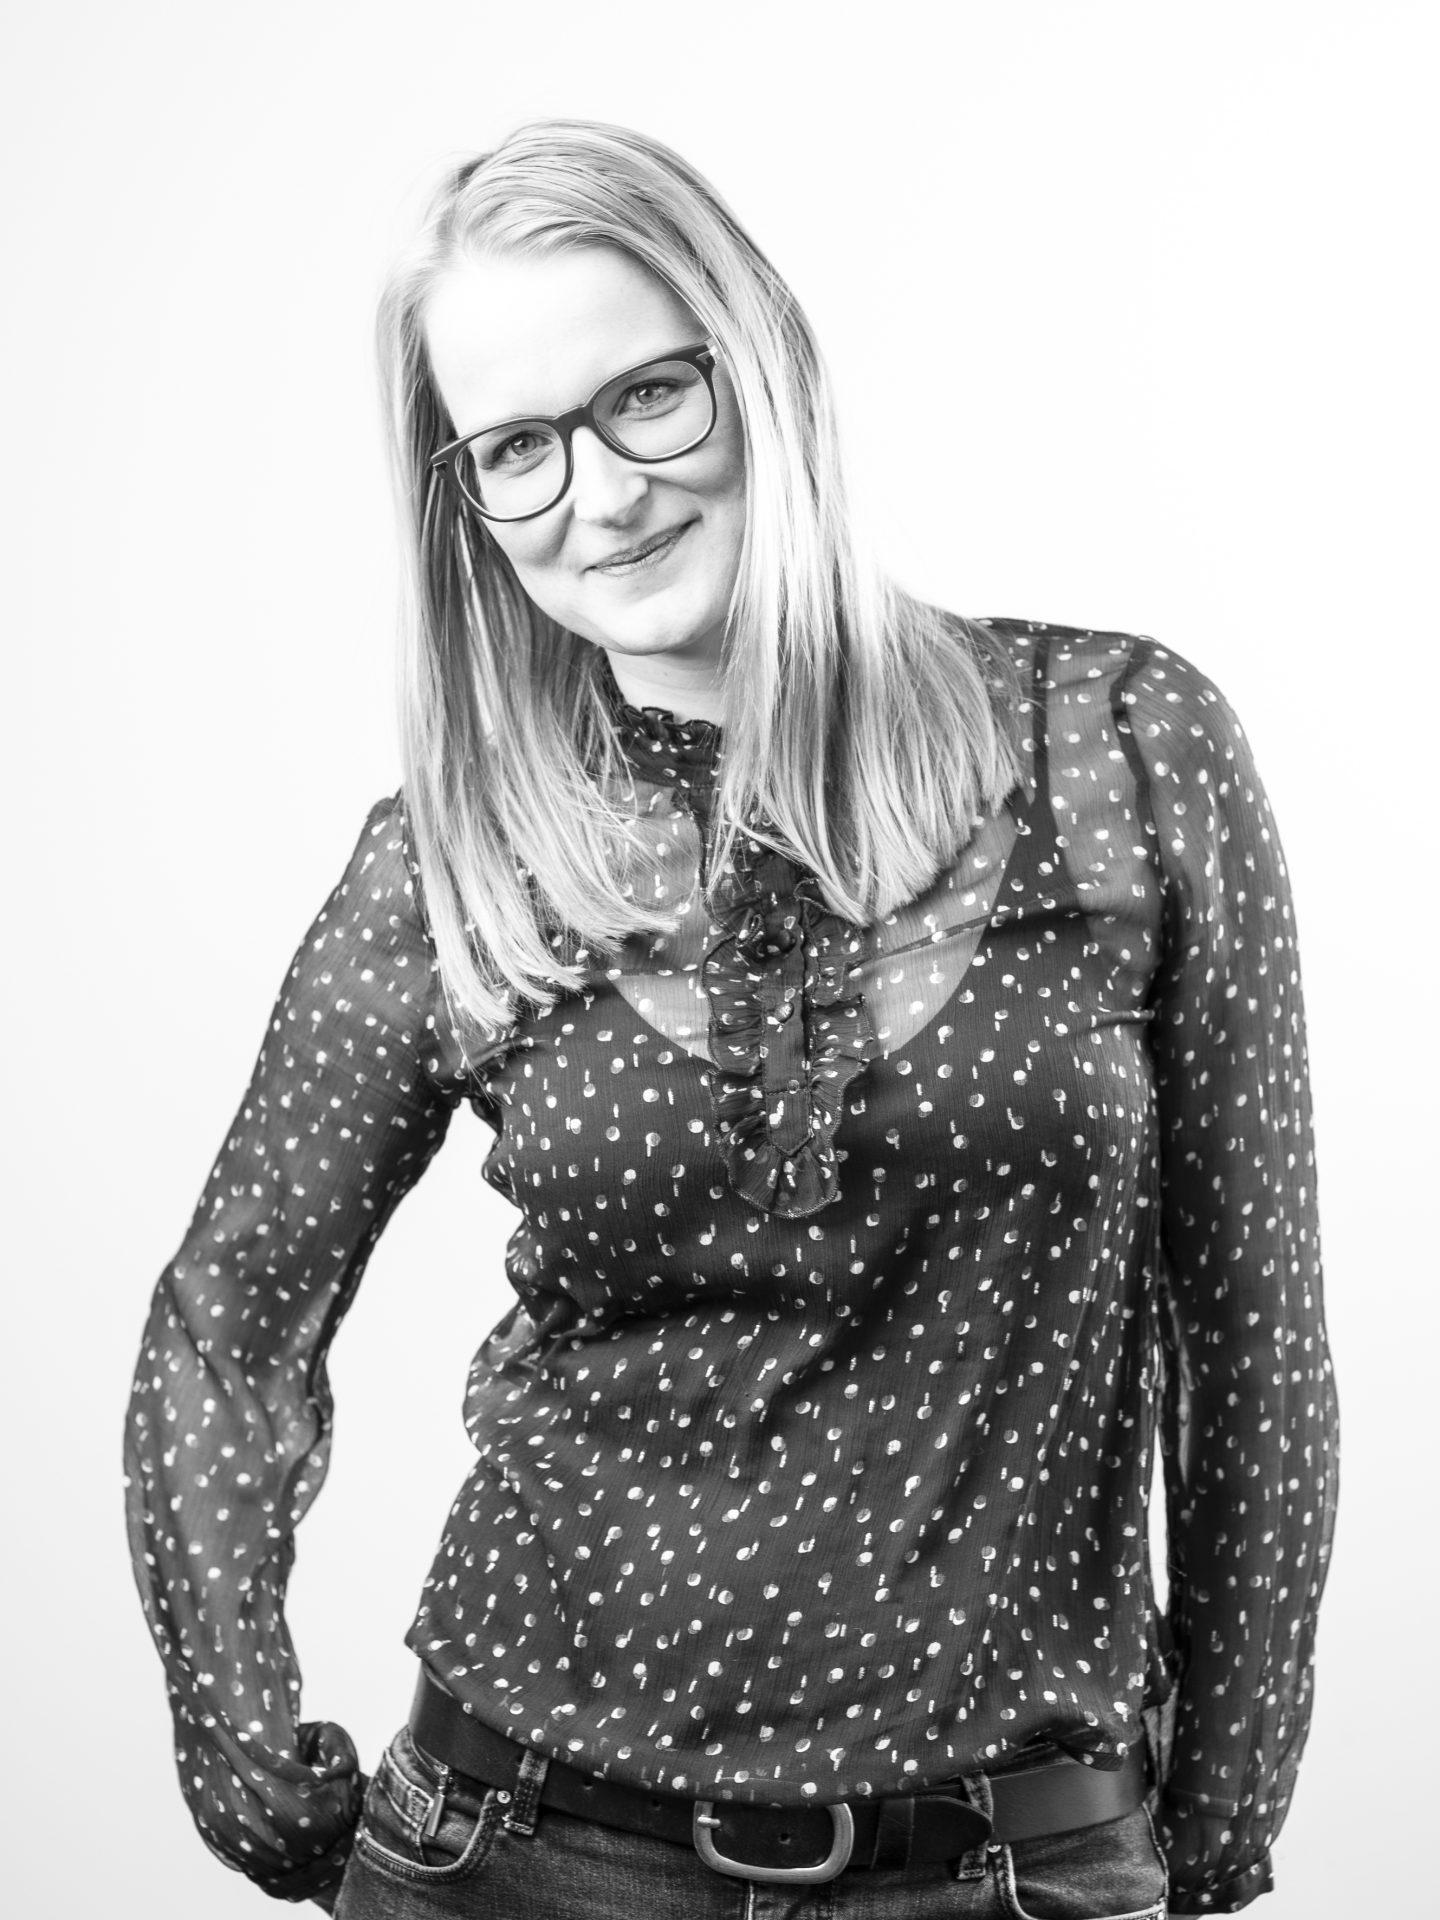 Marije Plaggenmarsch